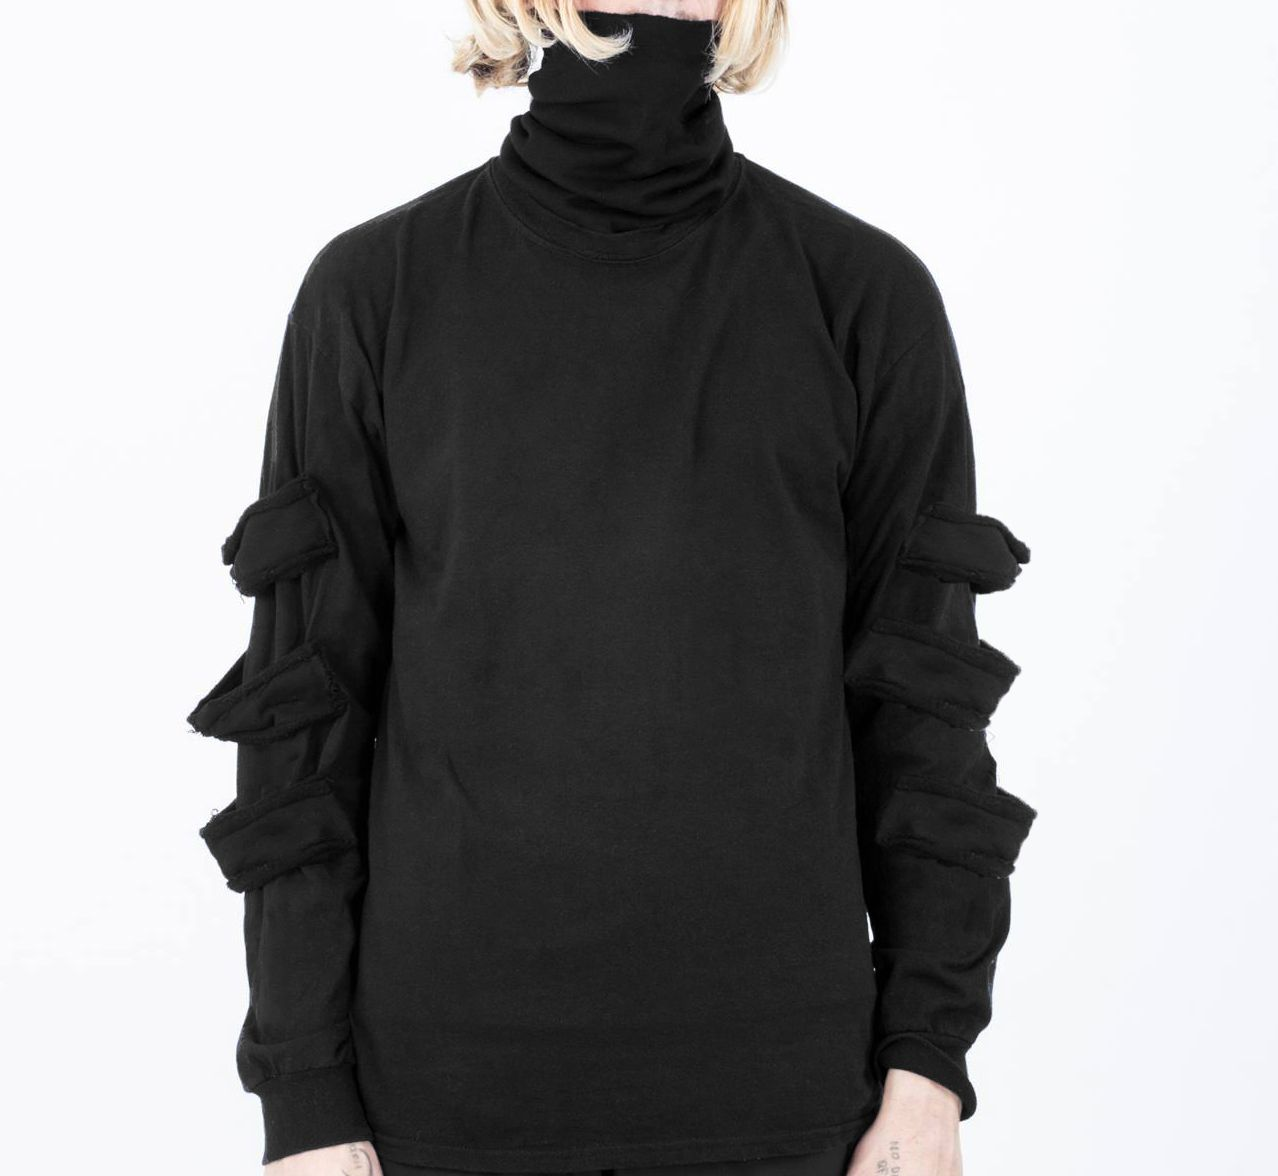 col roulé avec empiècement jersey en superposition sur les manches. le mannequin…